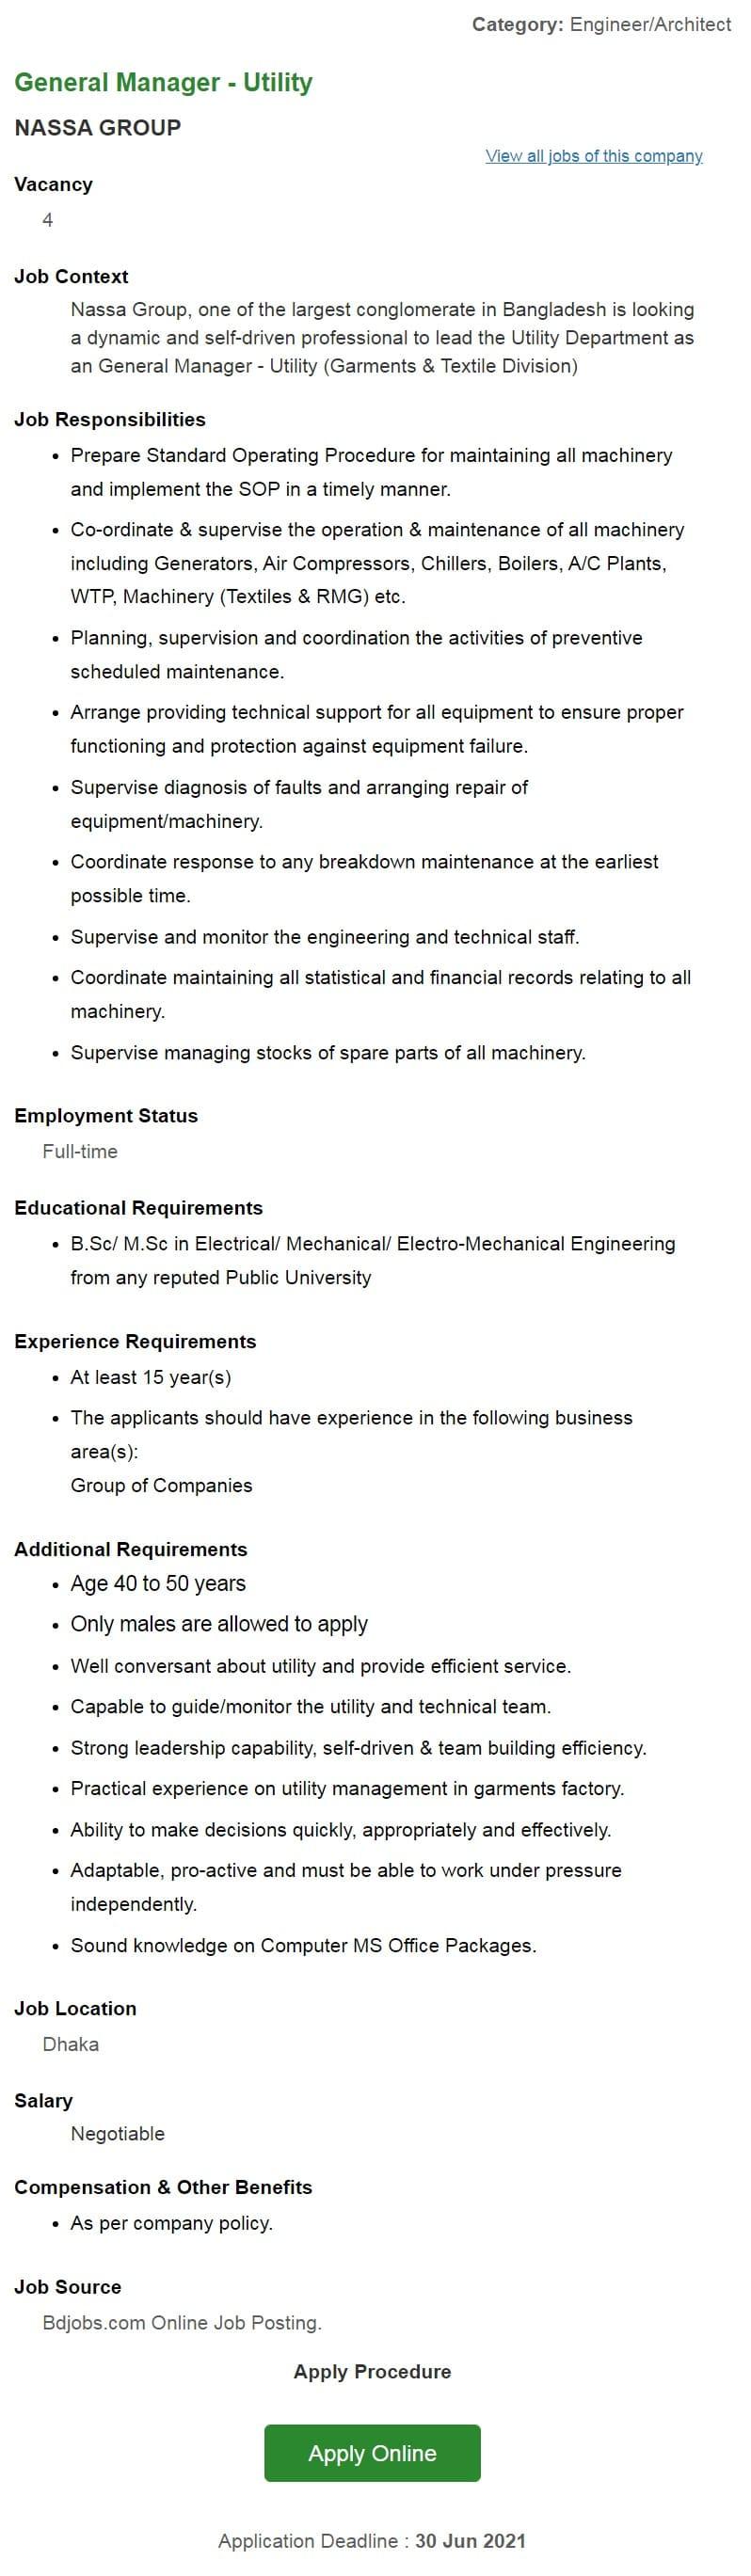 NASSA Group Job Circular 2021